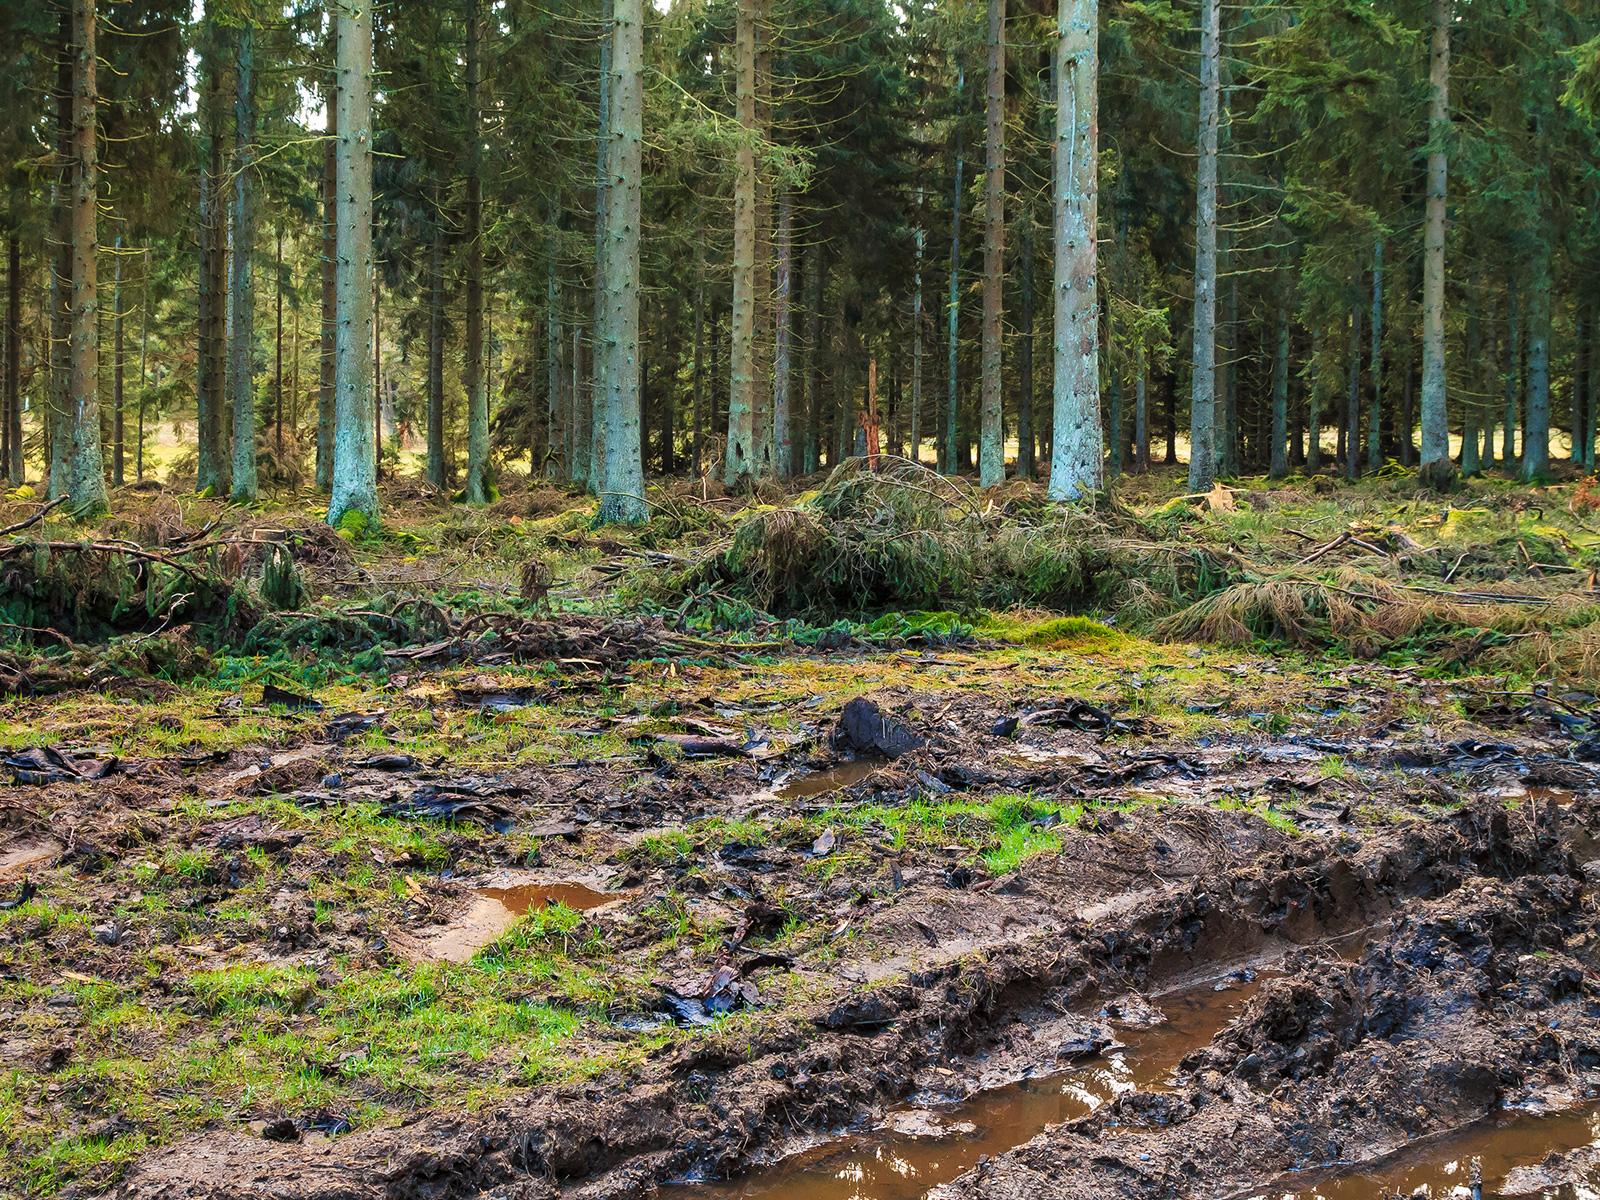 Pfützen auf dem verdichteten Waldboden